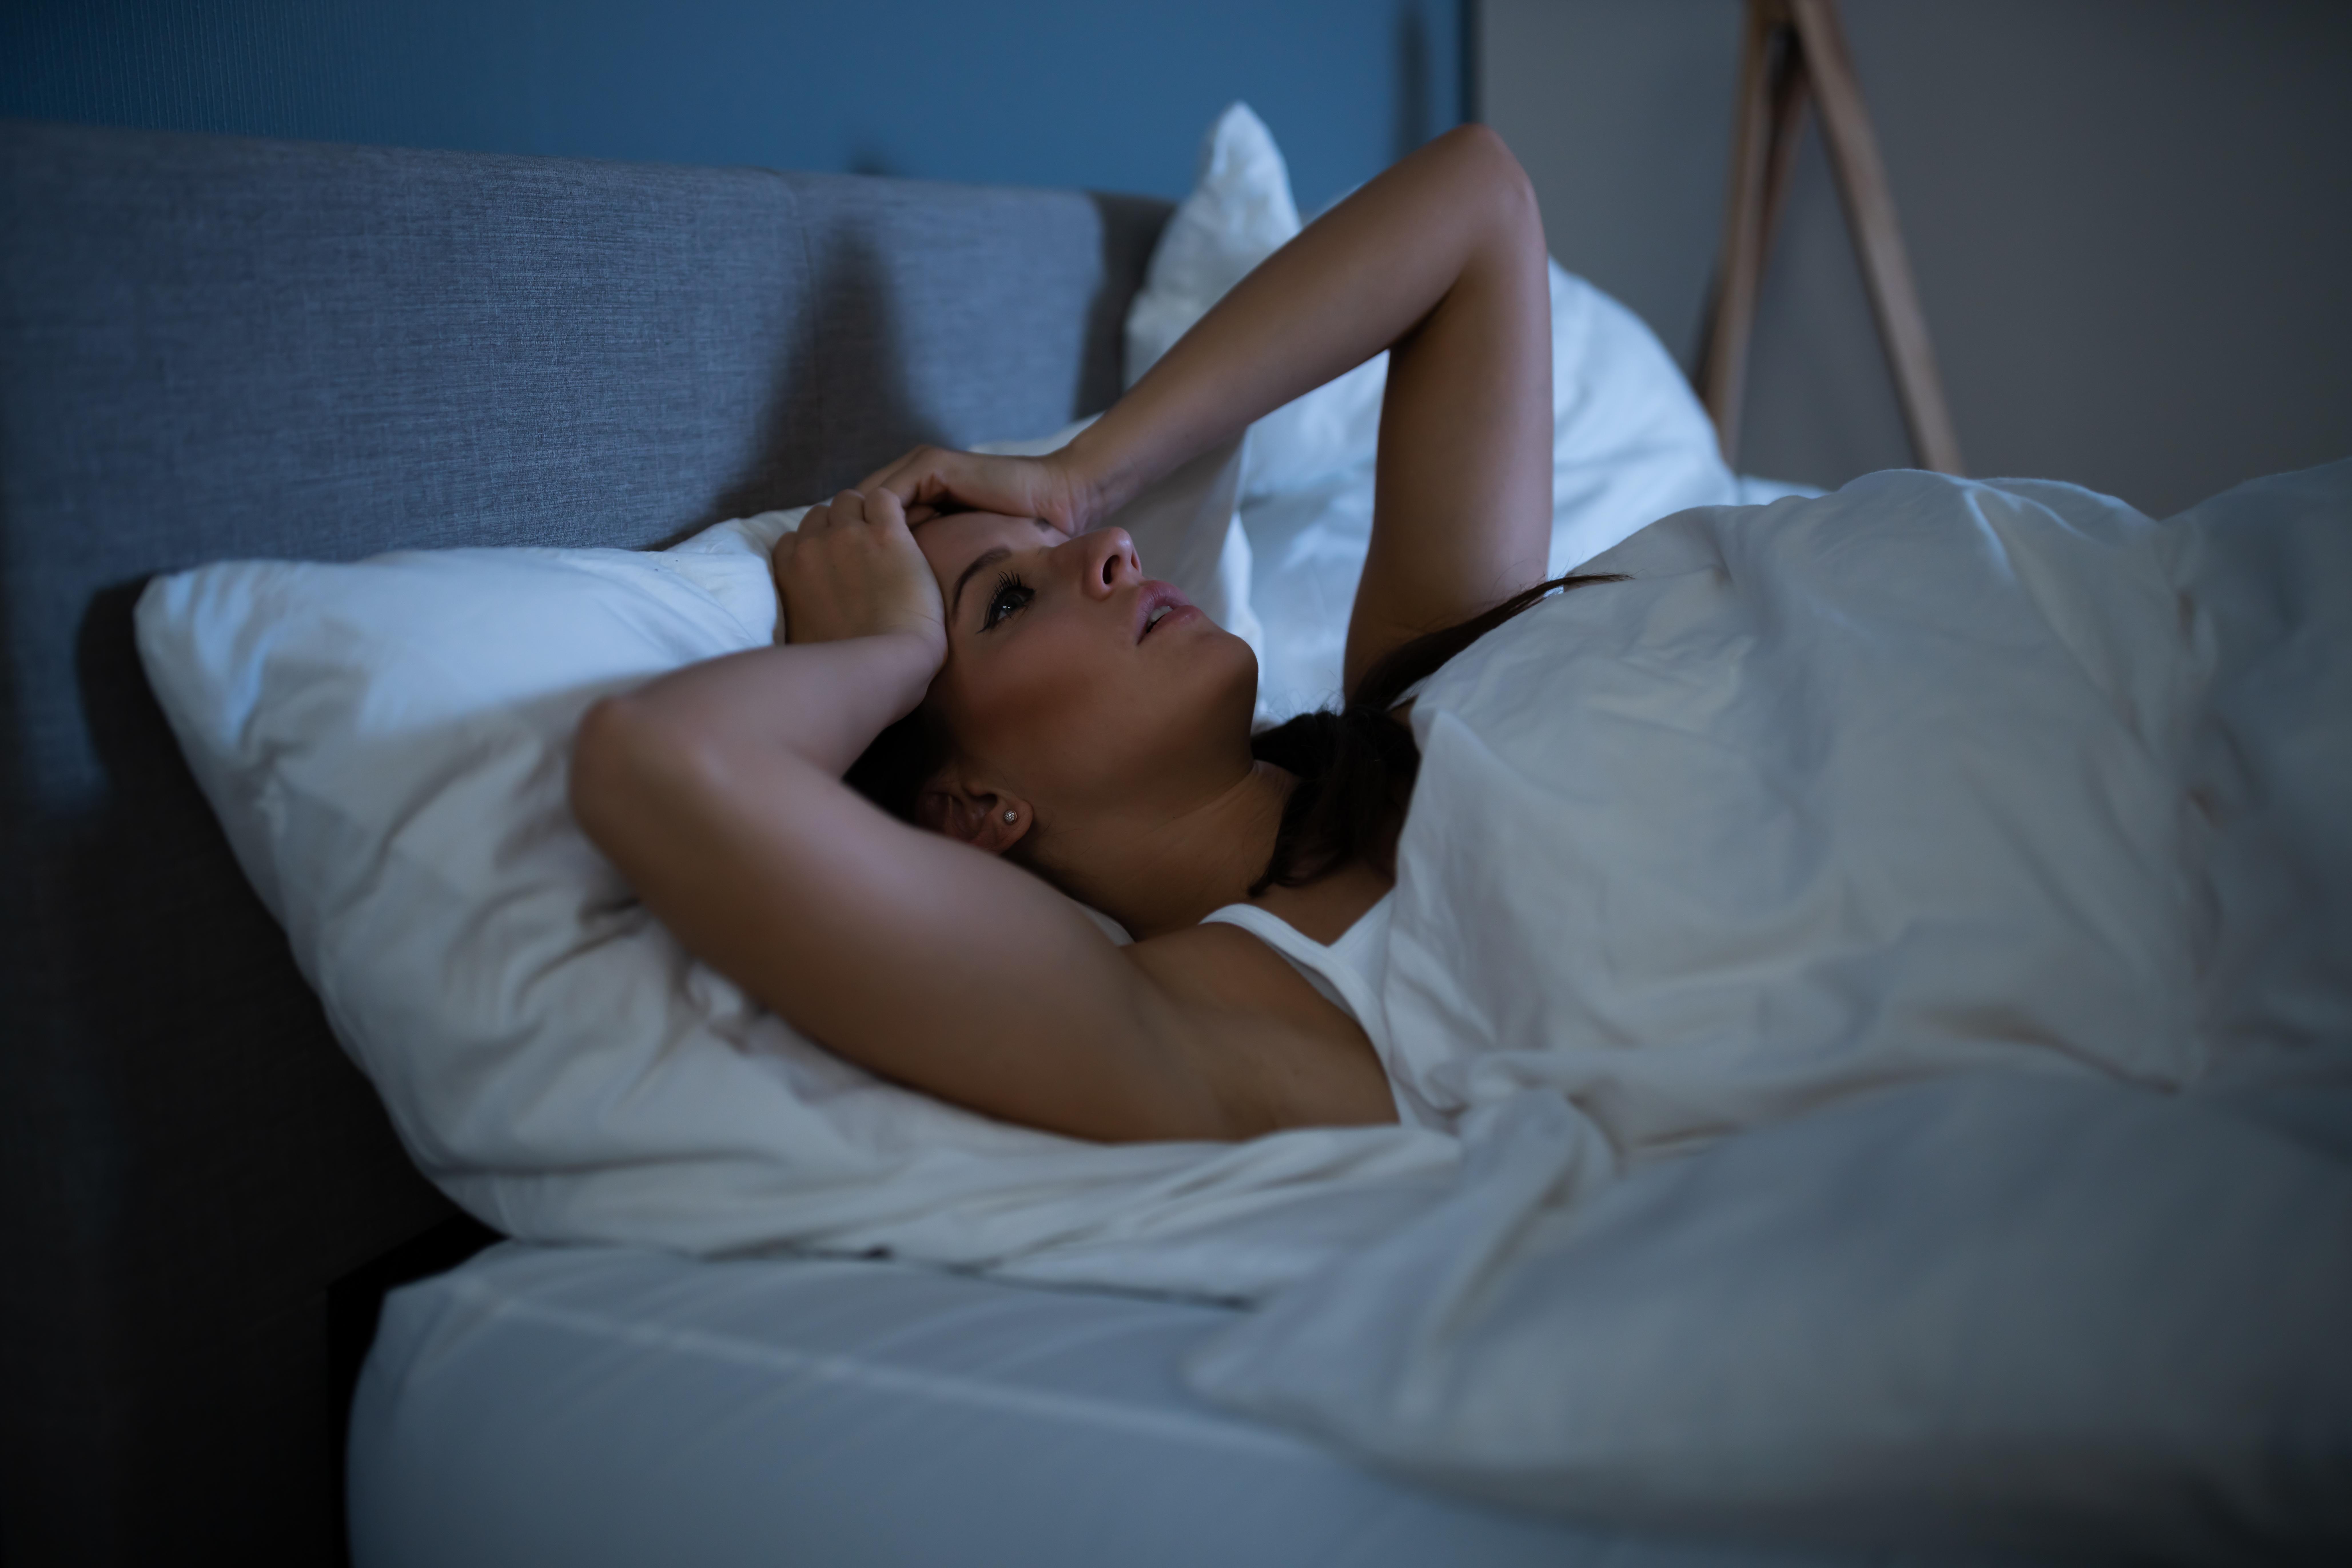 <p><strong>Упражненията вечер пречат на съня</strong><br /> Понякога сутрин не остава време за тренировки и наваксваме вечерта, а дали това оказва влияние на съня ни? Според специалистите, лека до умерена физическа активност около 60 до 90 минути преди лягане може да помогне за по-бързото заспиване и да подобри съня. Това означава, че практикуването на йога, разходките, упражненията с леки до умерени тежести, колоезденето и плуването са подходящи преди лягане, но е важно да не се прекалява. Добре е да се изчака и поне час преди лягане.&nbsp;</p>